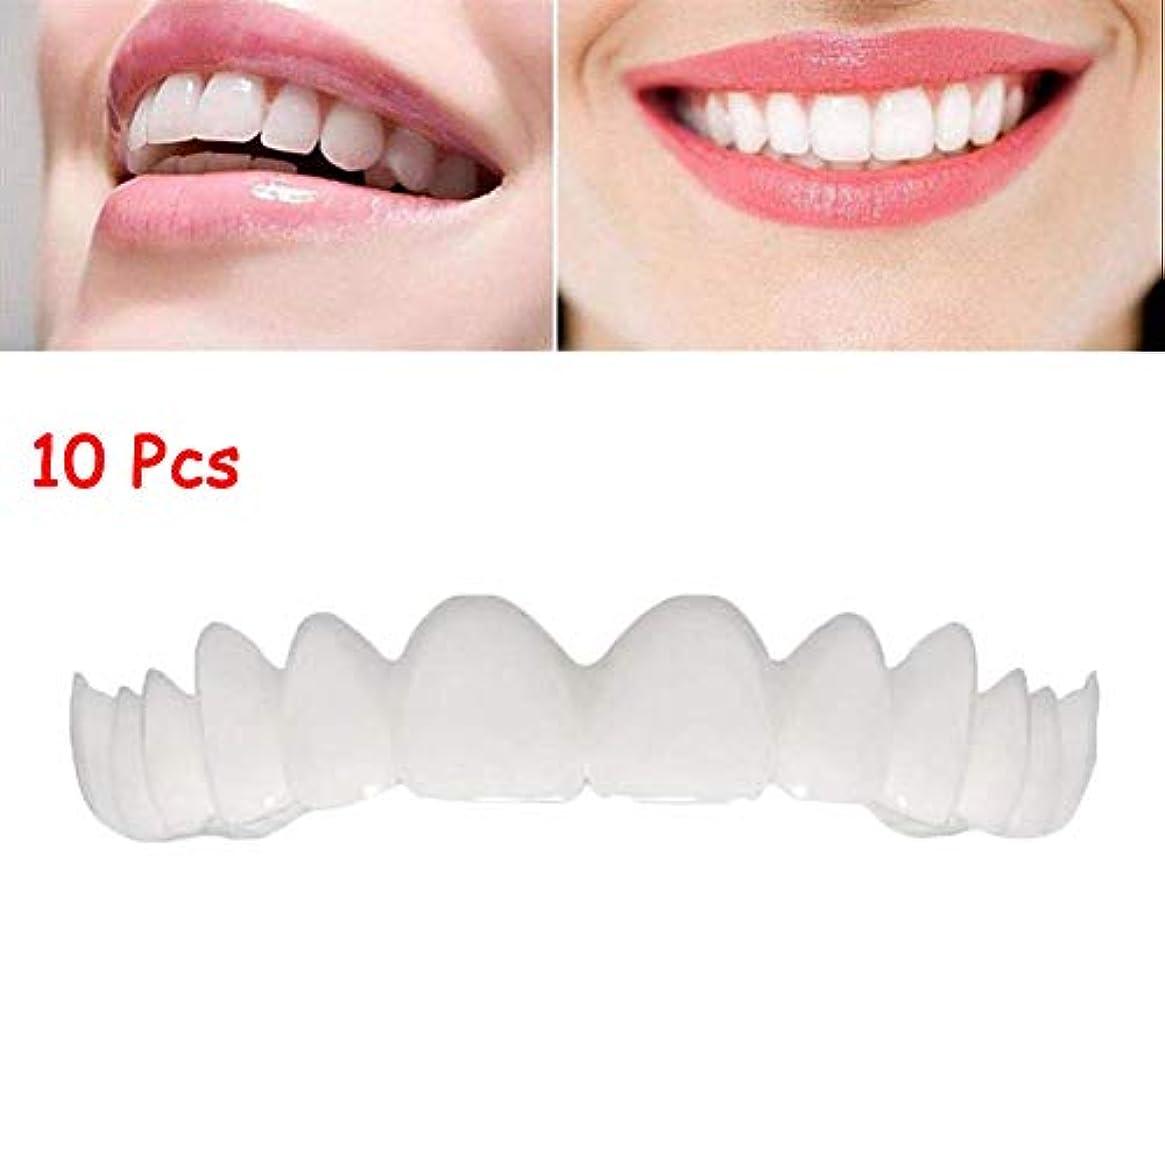 アンテナ知覚する見捨てられた10本の一時的な化粧品の歯義歯歯の化粧品模擬装具アッパーブレースホワイトニング歯スナップキャップインスタント快適なフレックスパーフェクトベニア